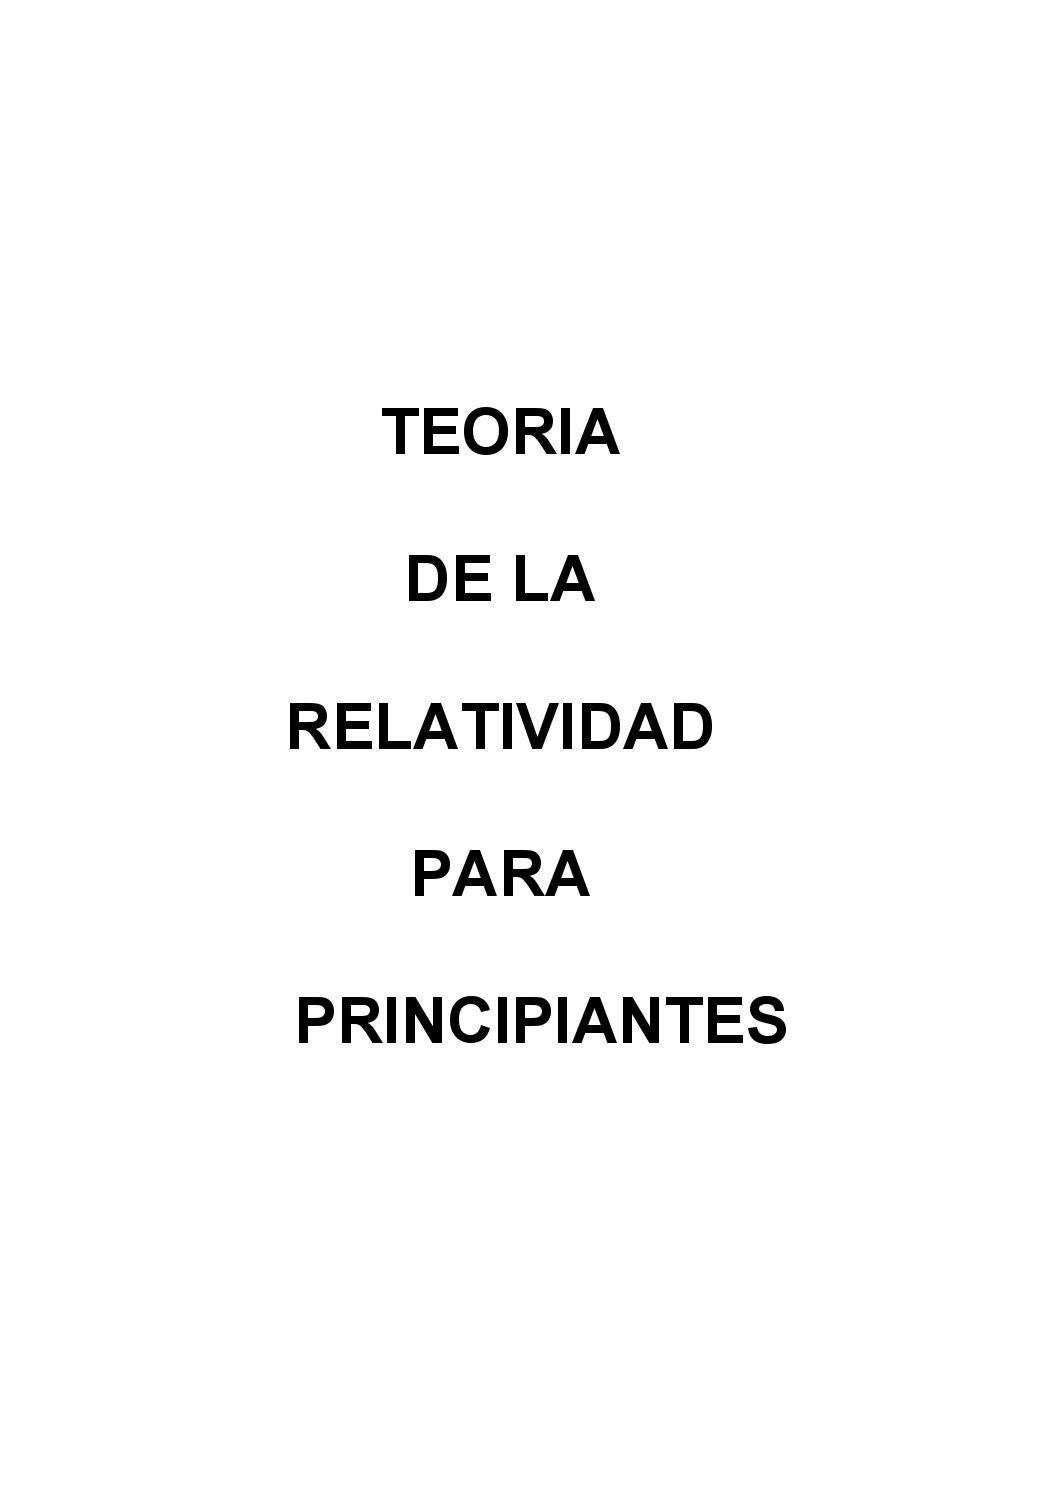 Teoria de la relatividad para principiante by Ernesto Beccari - issuu